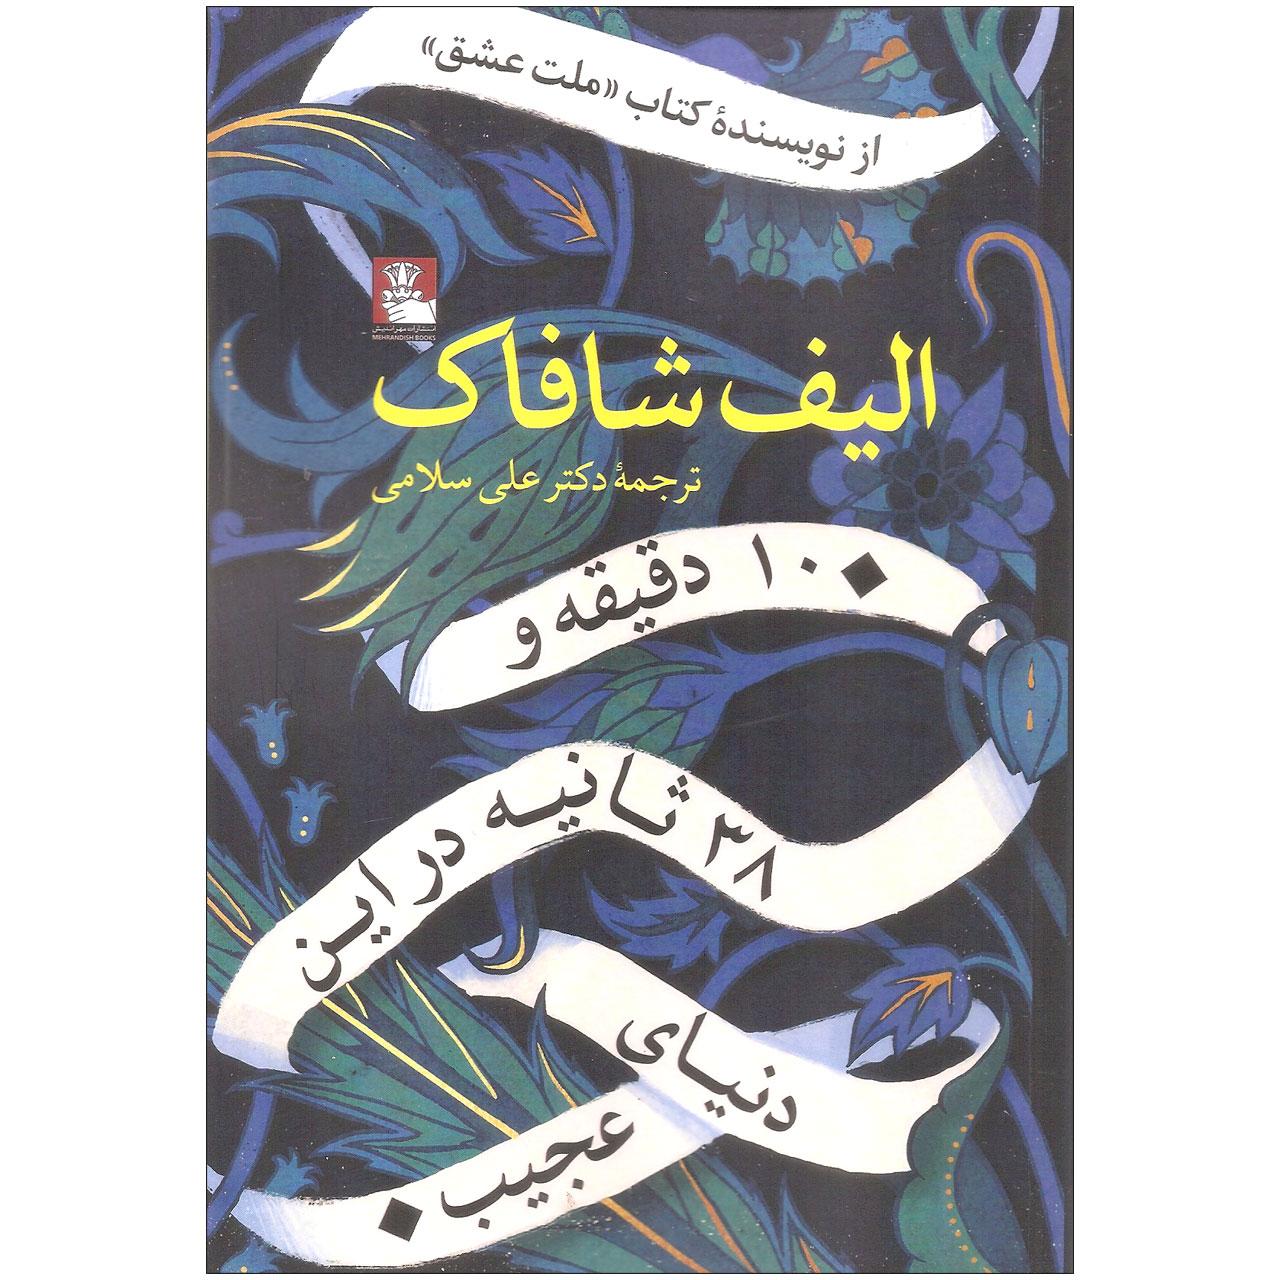 کتاب 10 دقیقه و 38 ثانیه در این دنیای عجیب اثر الیف شافاک انتشارات مهراندیش